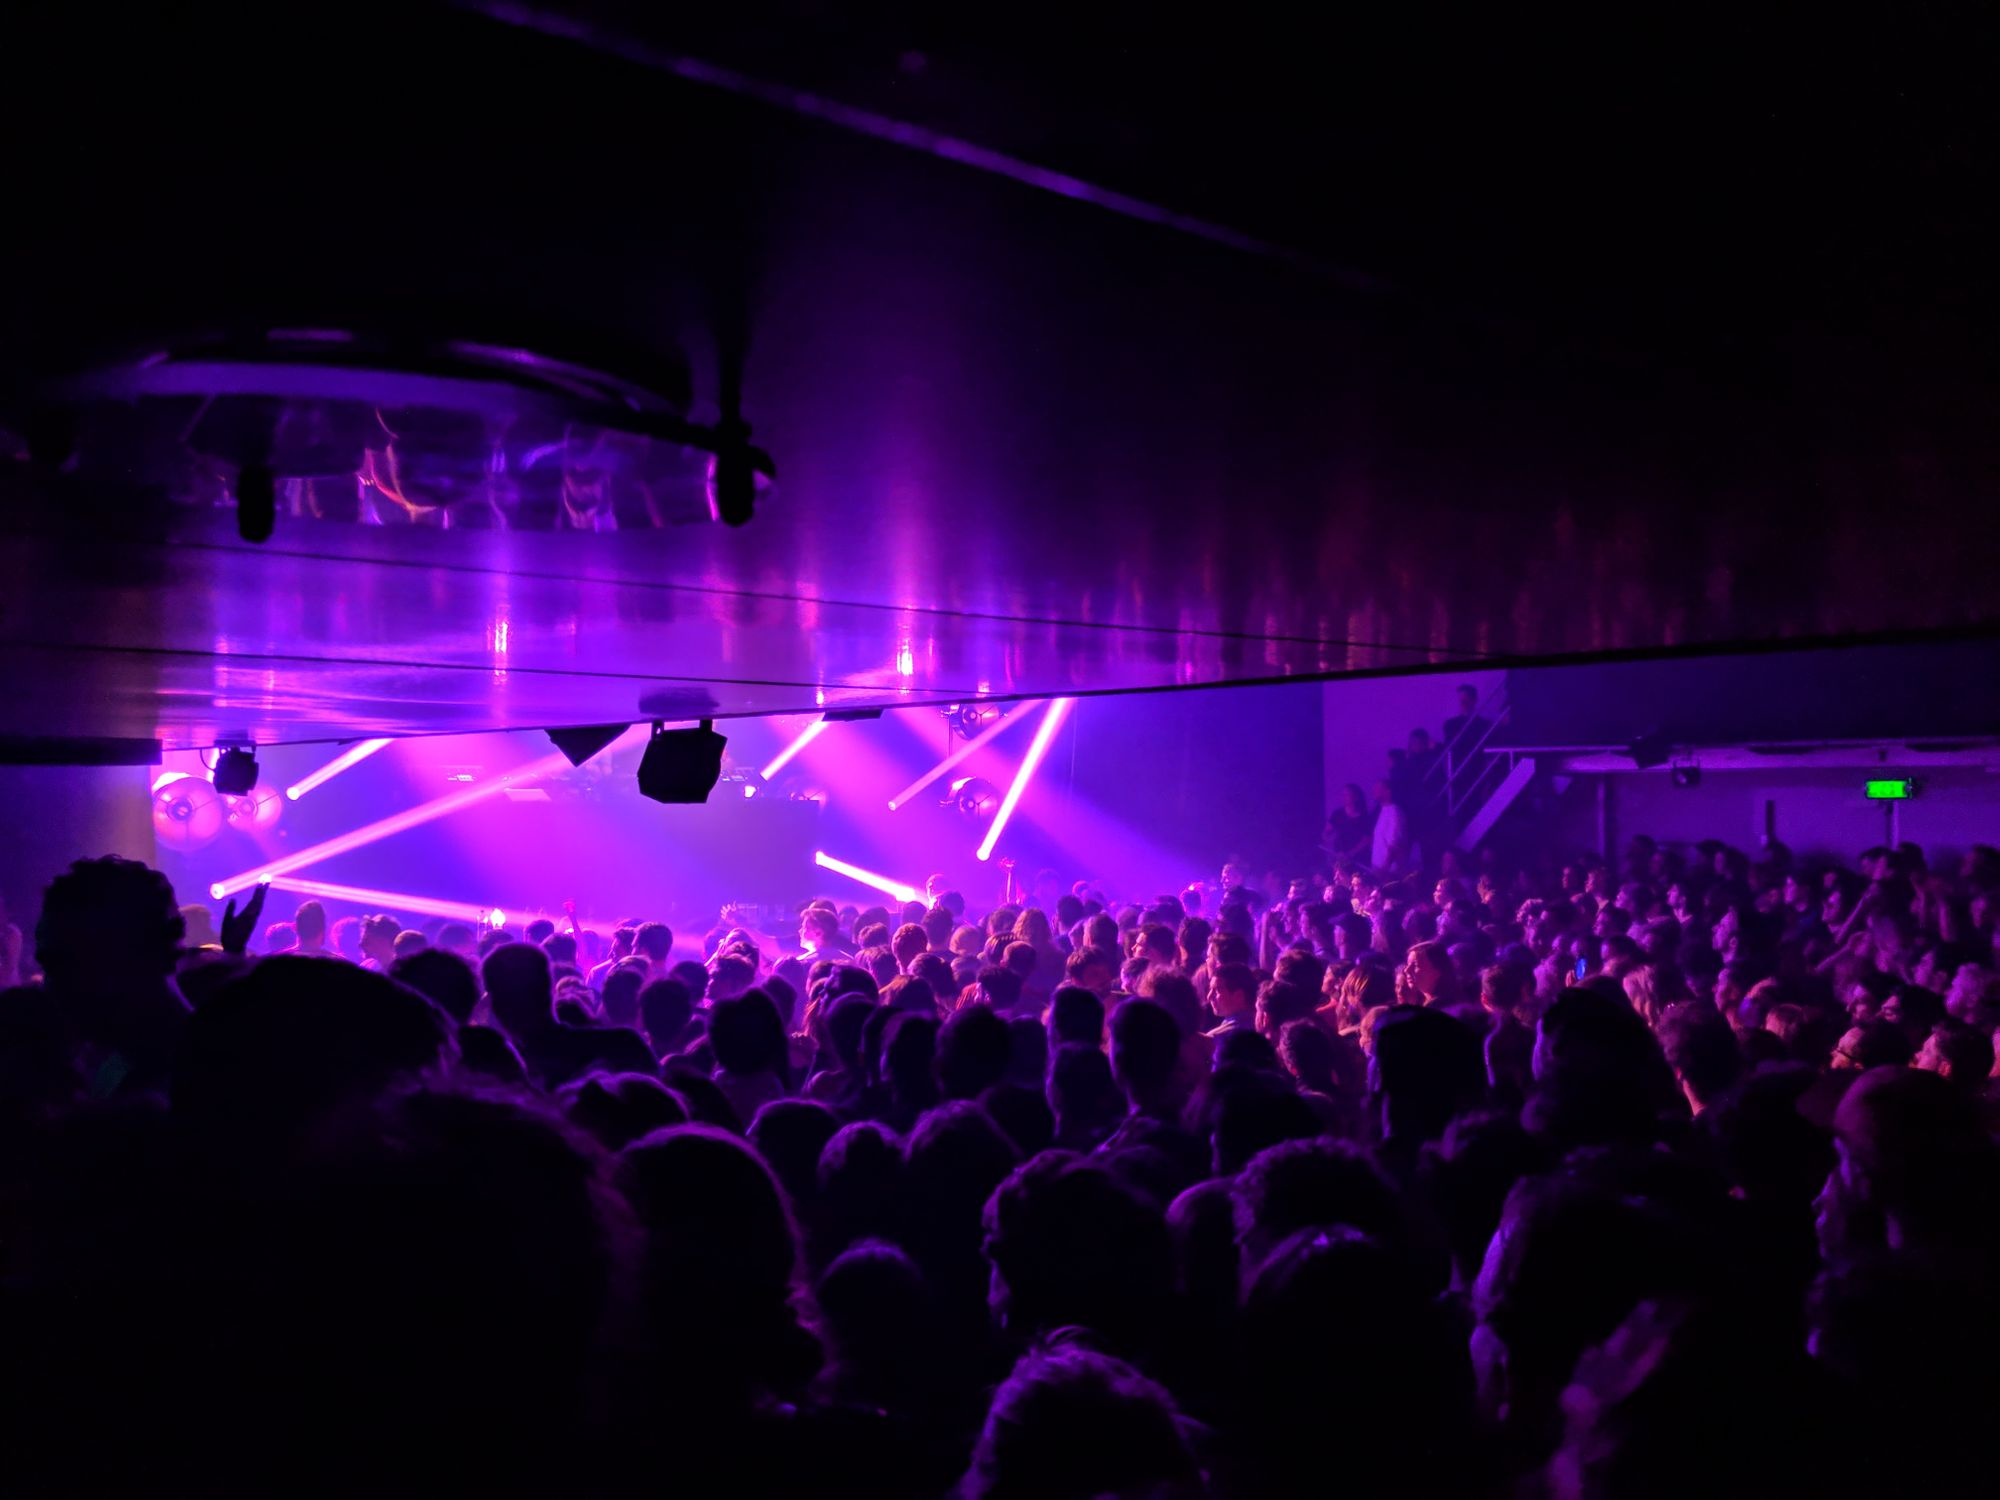 Personnes en soirée dans une discothèque à Leidseplein à Amsterdam aux Pays-Bas